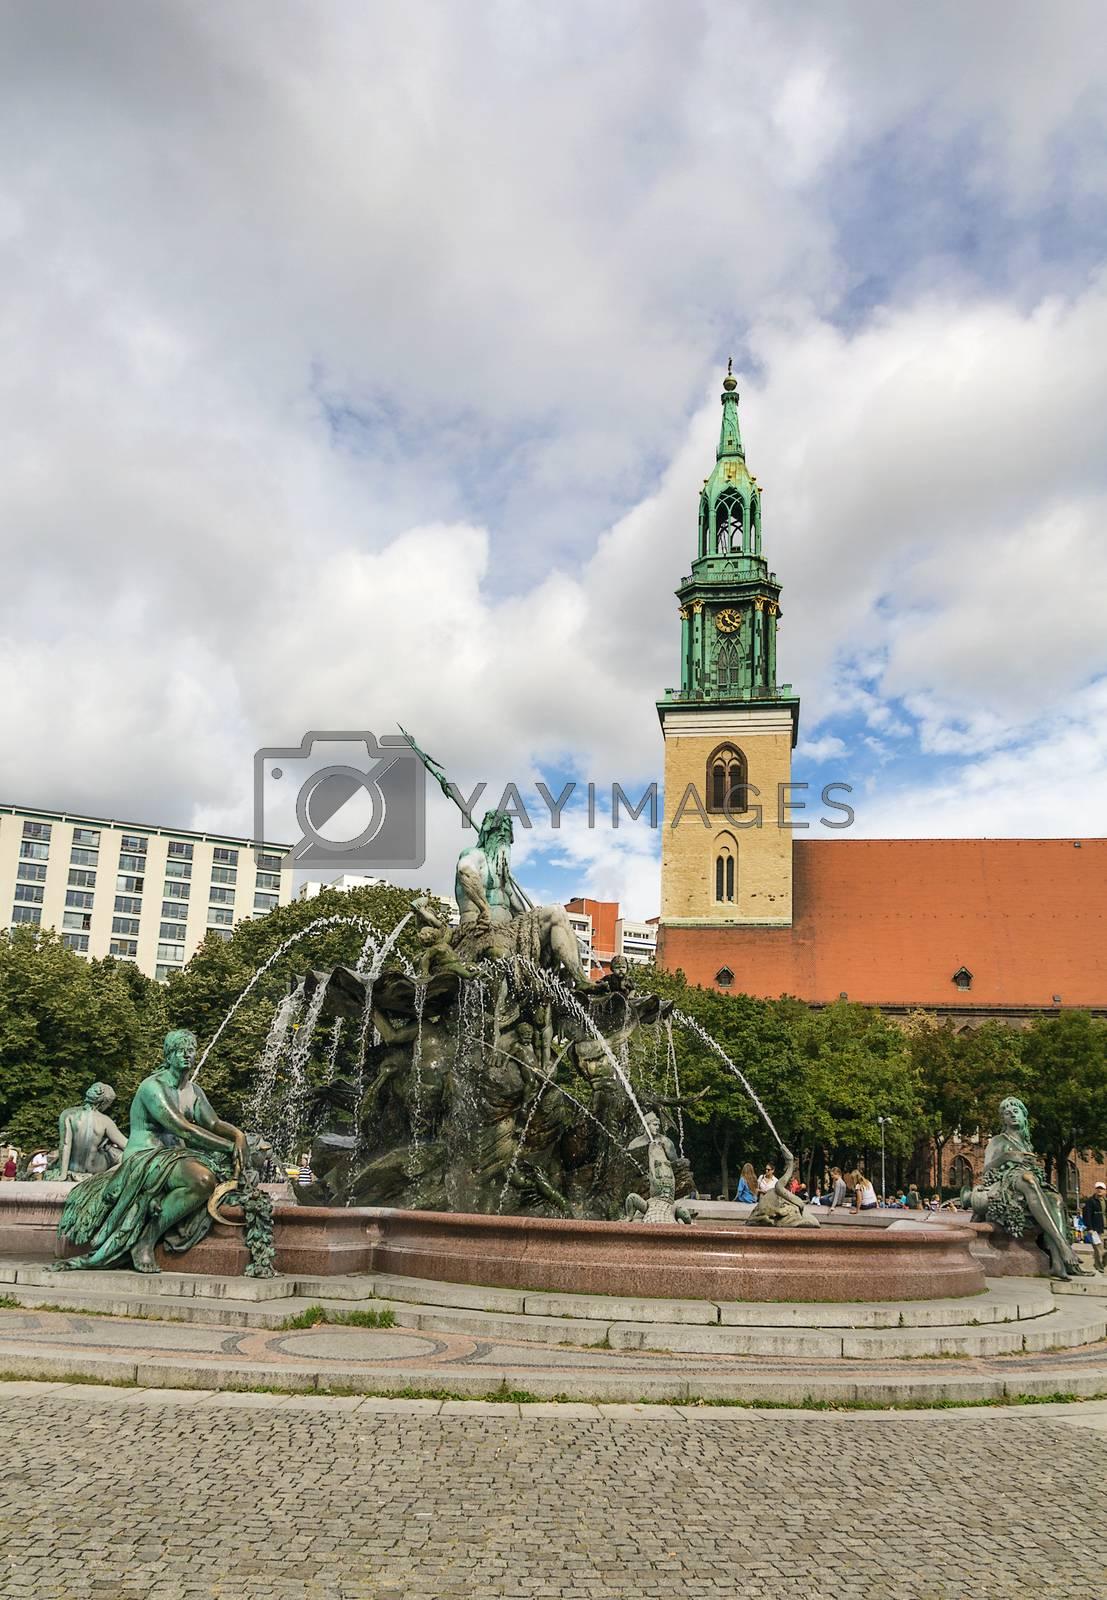 The Neptune Fountain in Berlin, Germany by borisb17